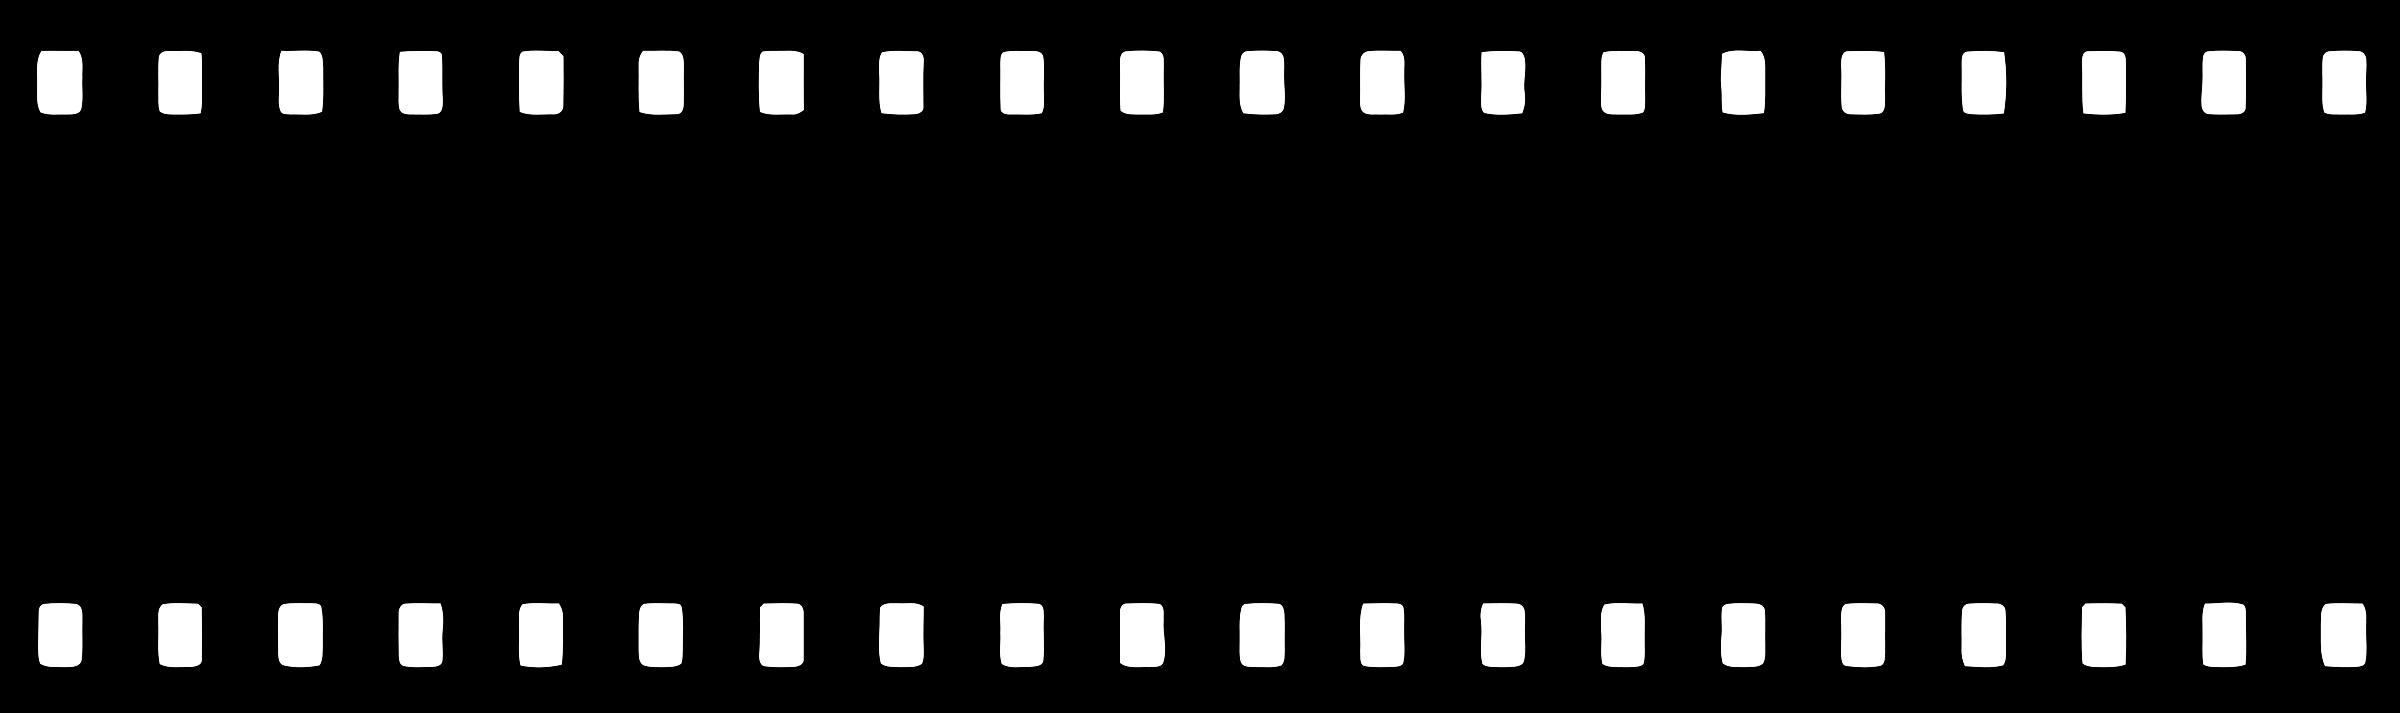 Film Clipart.